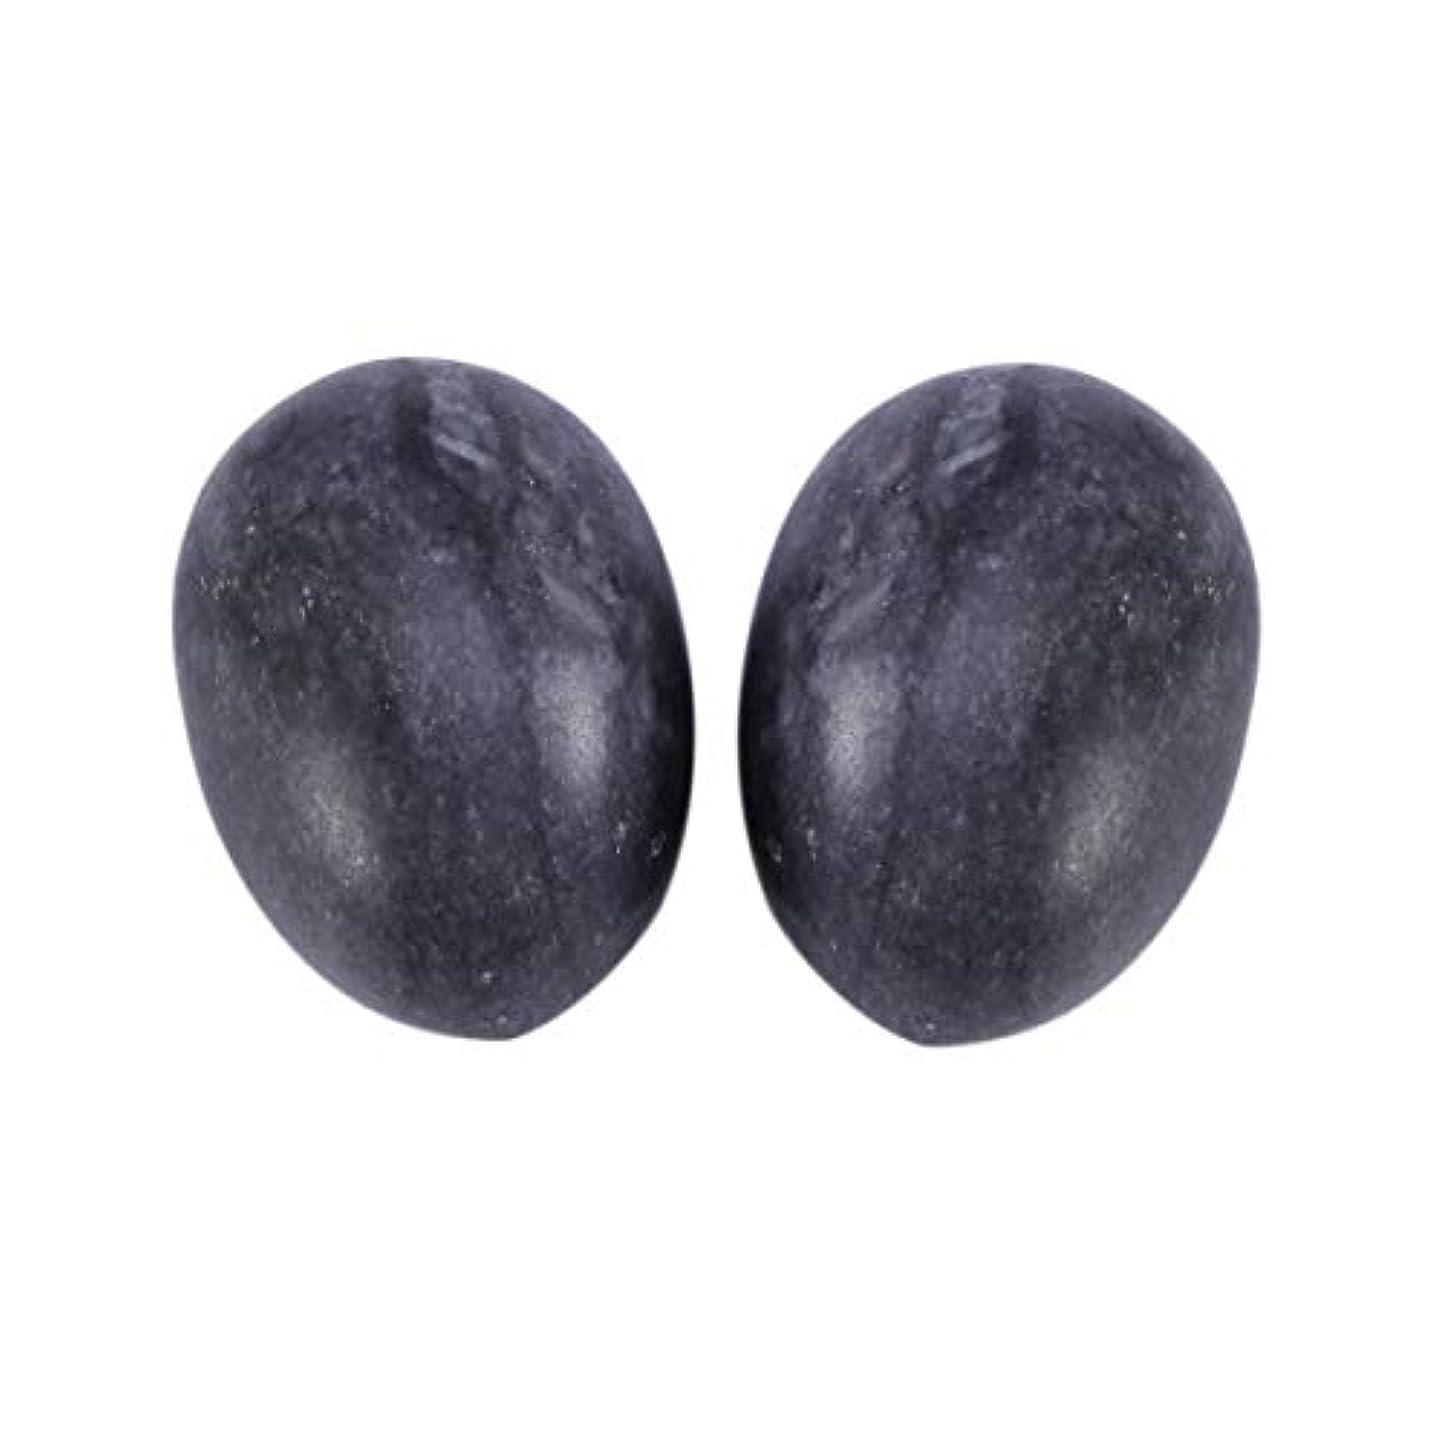 上昇バスタブ後継Healifty 6PCS翡翠Yoni卵マッサージ癒しの石のケゲル運動骨盤底筋運動(黒)